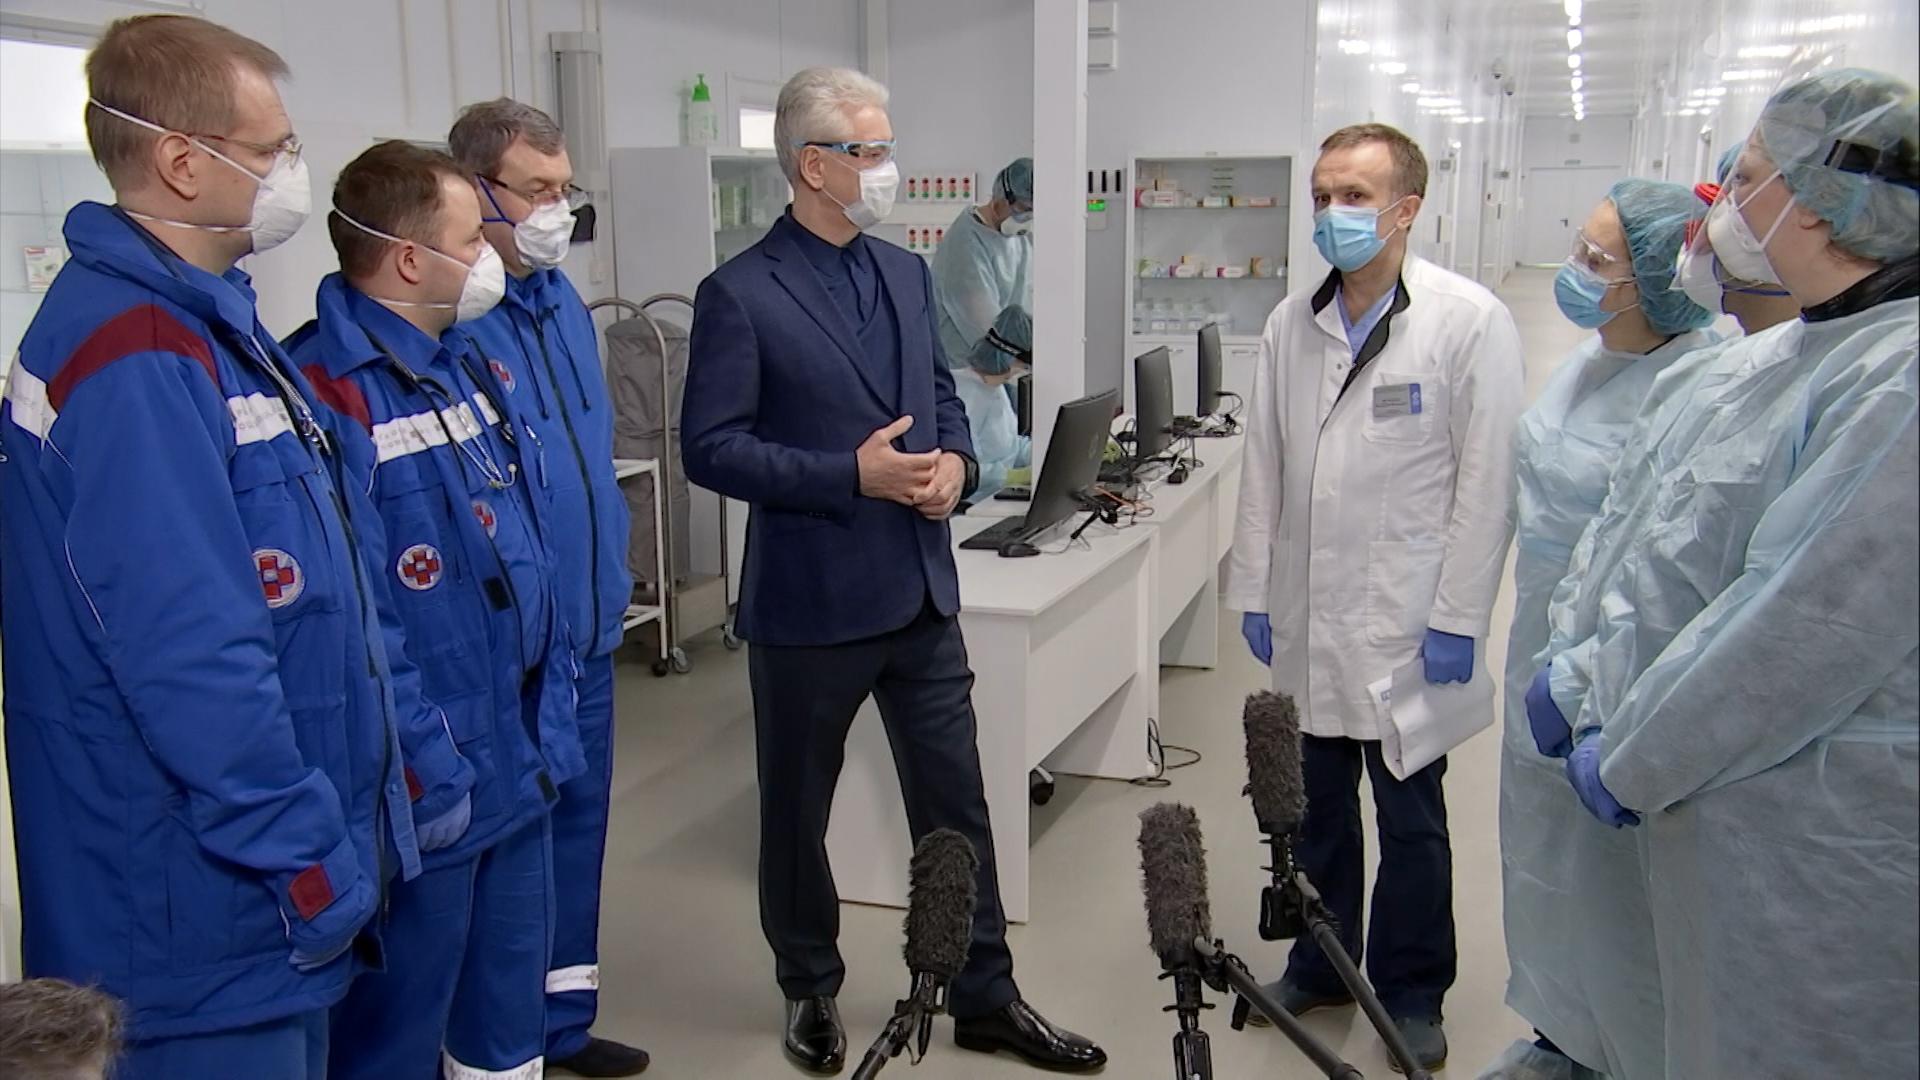 Сергей Собянин во время посещения медицинского центра